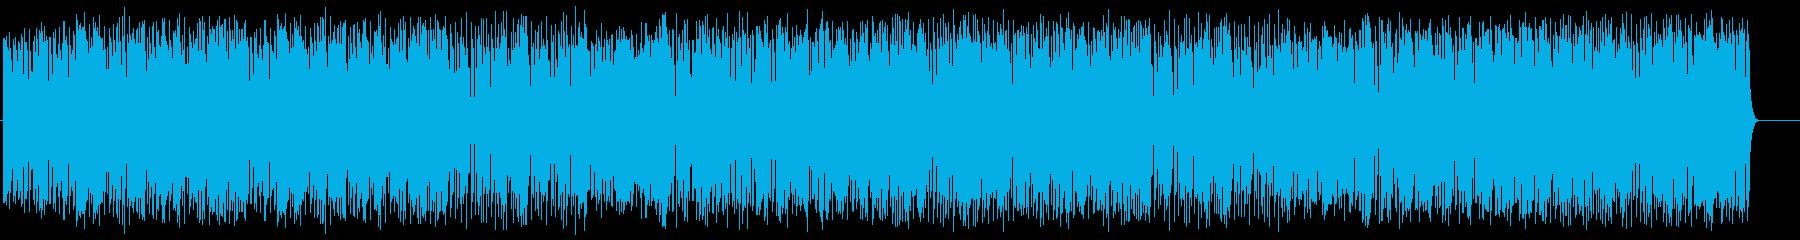 悪さする様なポップ(フルサイズ)の再生済みの波形